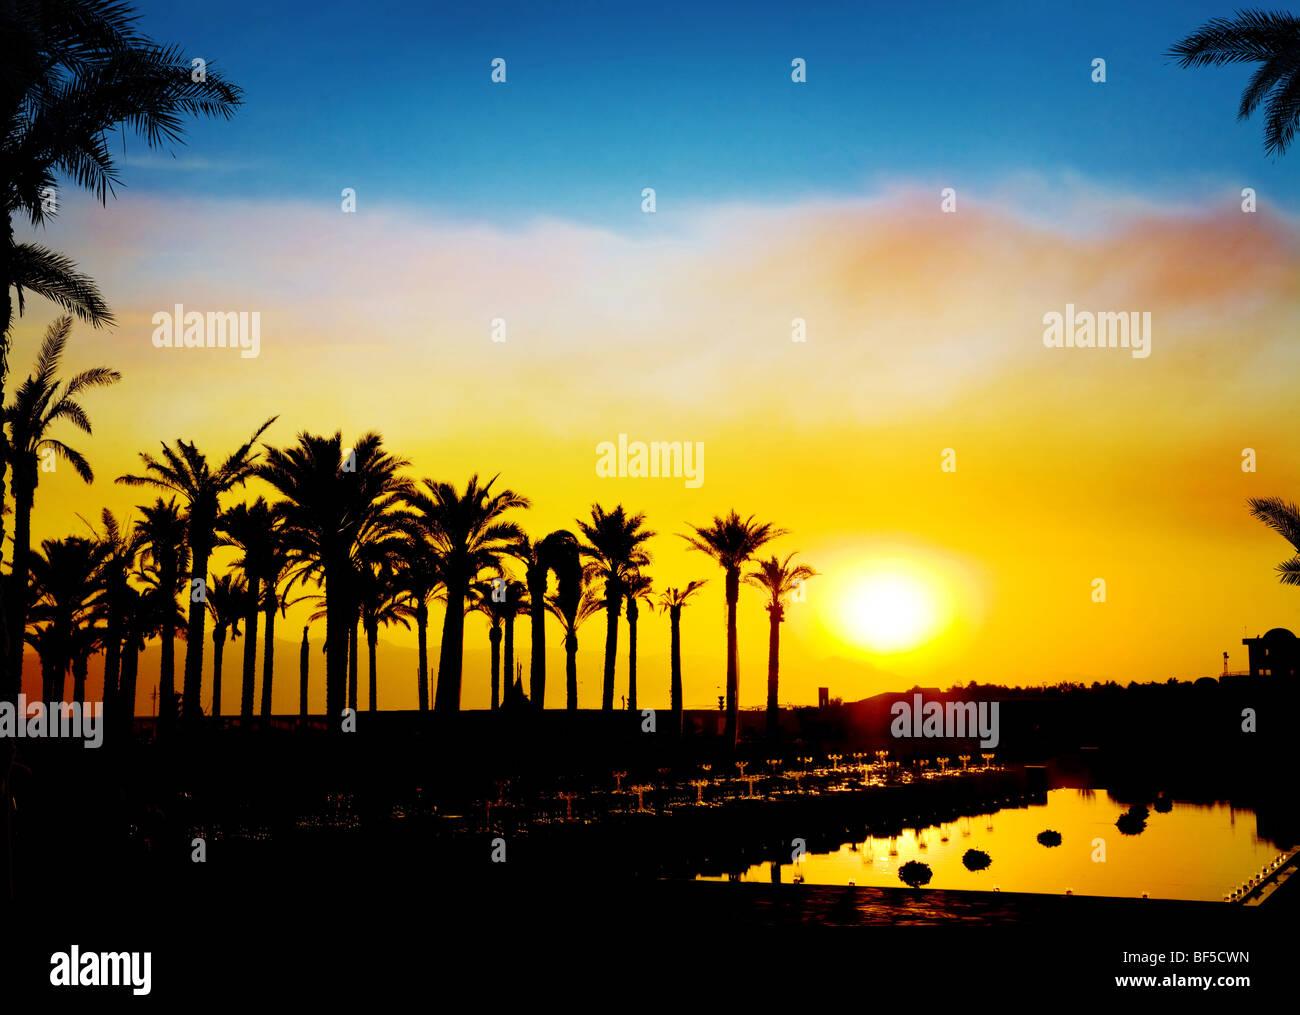 Les silhouettes des palmiers sur fond coucher de soleil magnifique Photo Stock